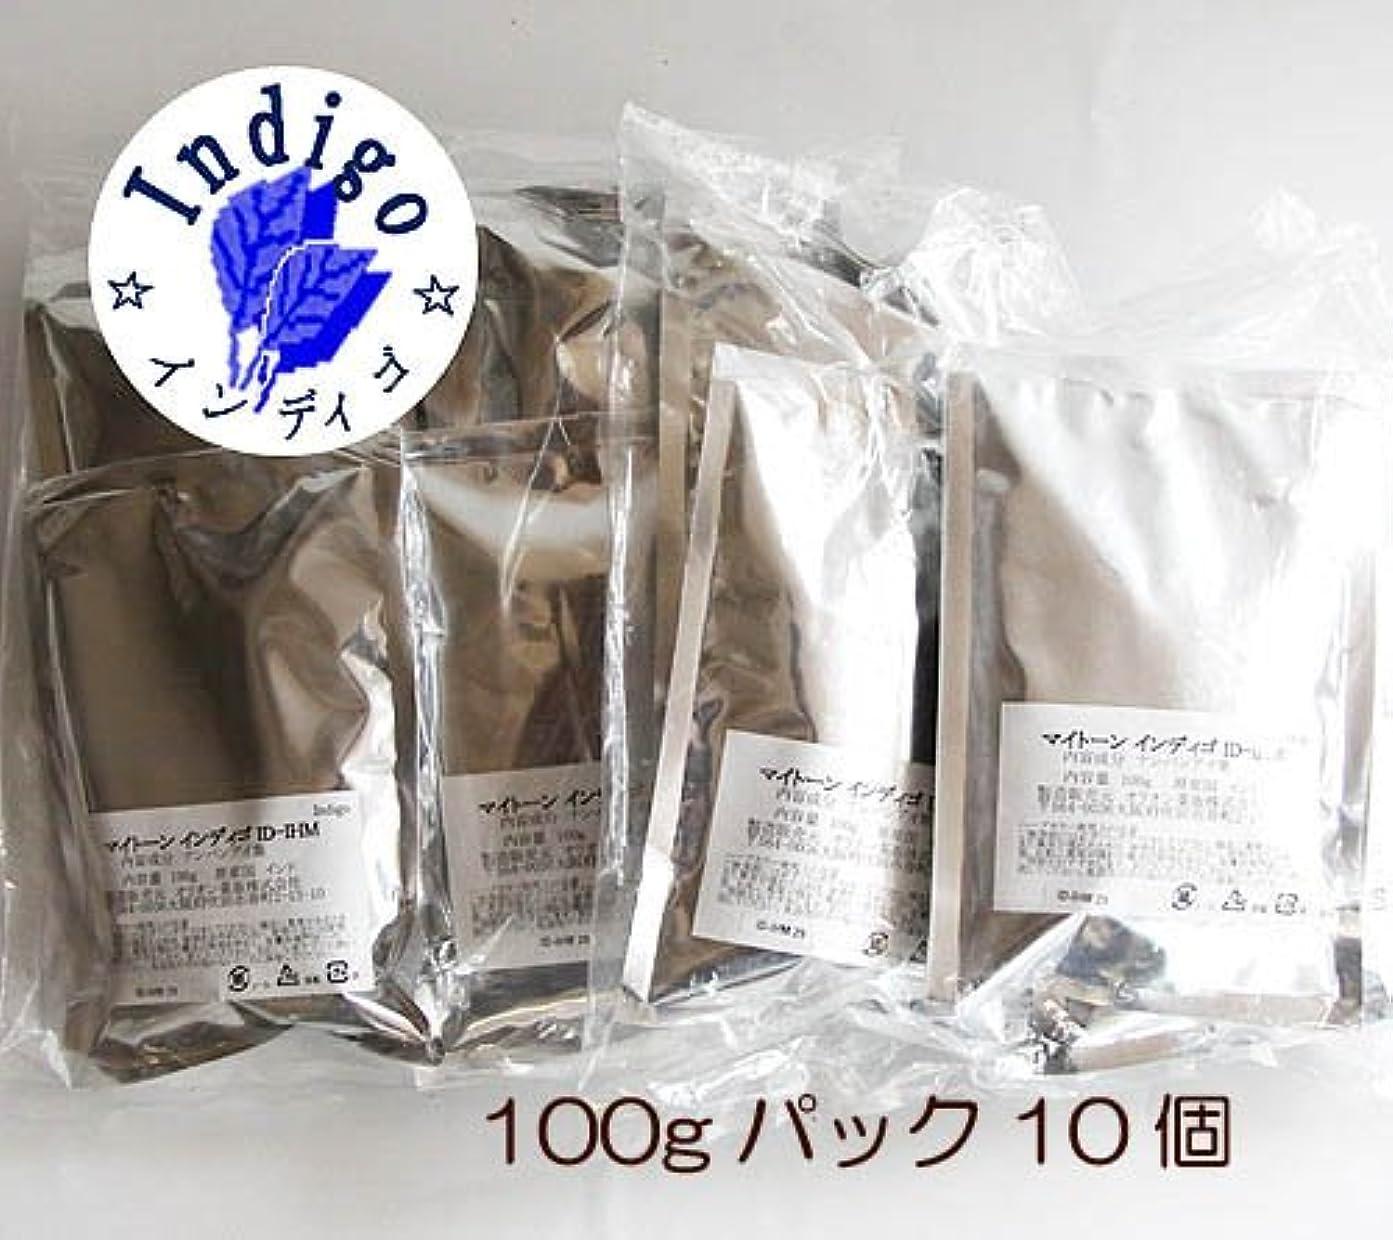 感じ接辞まあファッションルームルネ インディゴ業務用バルクパック1000(100g×10袋?1kg)。白髪染め用?インディゴパウダー100%です。そのまま染めて藍色に、茶系色にはインディゴとナチュラルヘナをパウダーでミックスして染める方法とナチュラルヘナで染めたあとインディゴで染める2度染めの方法があります。